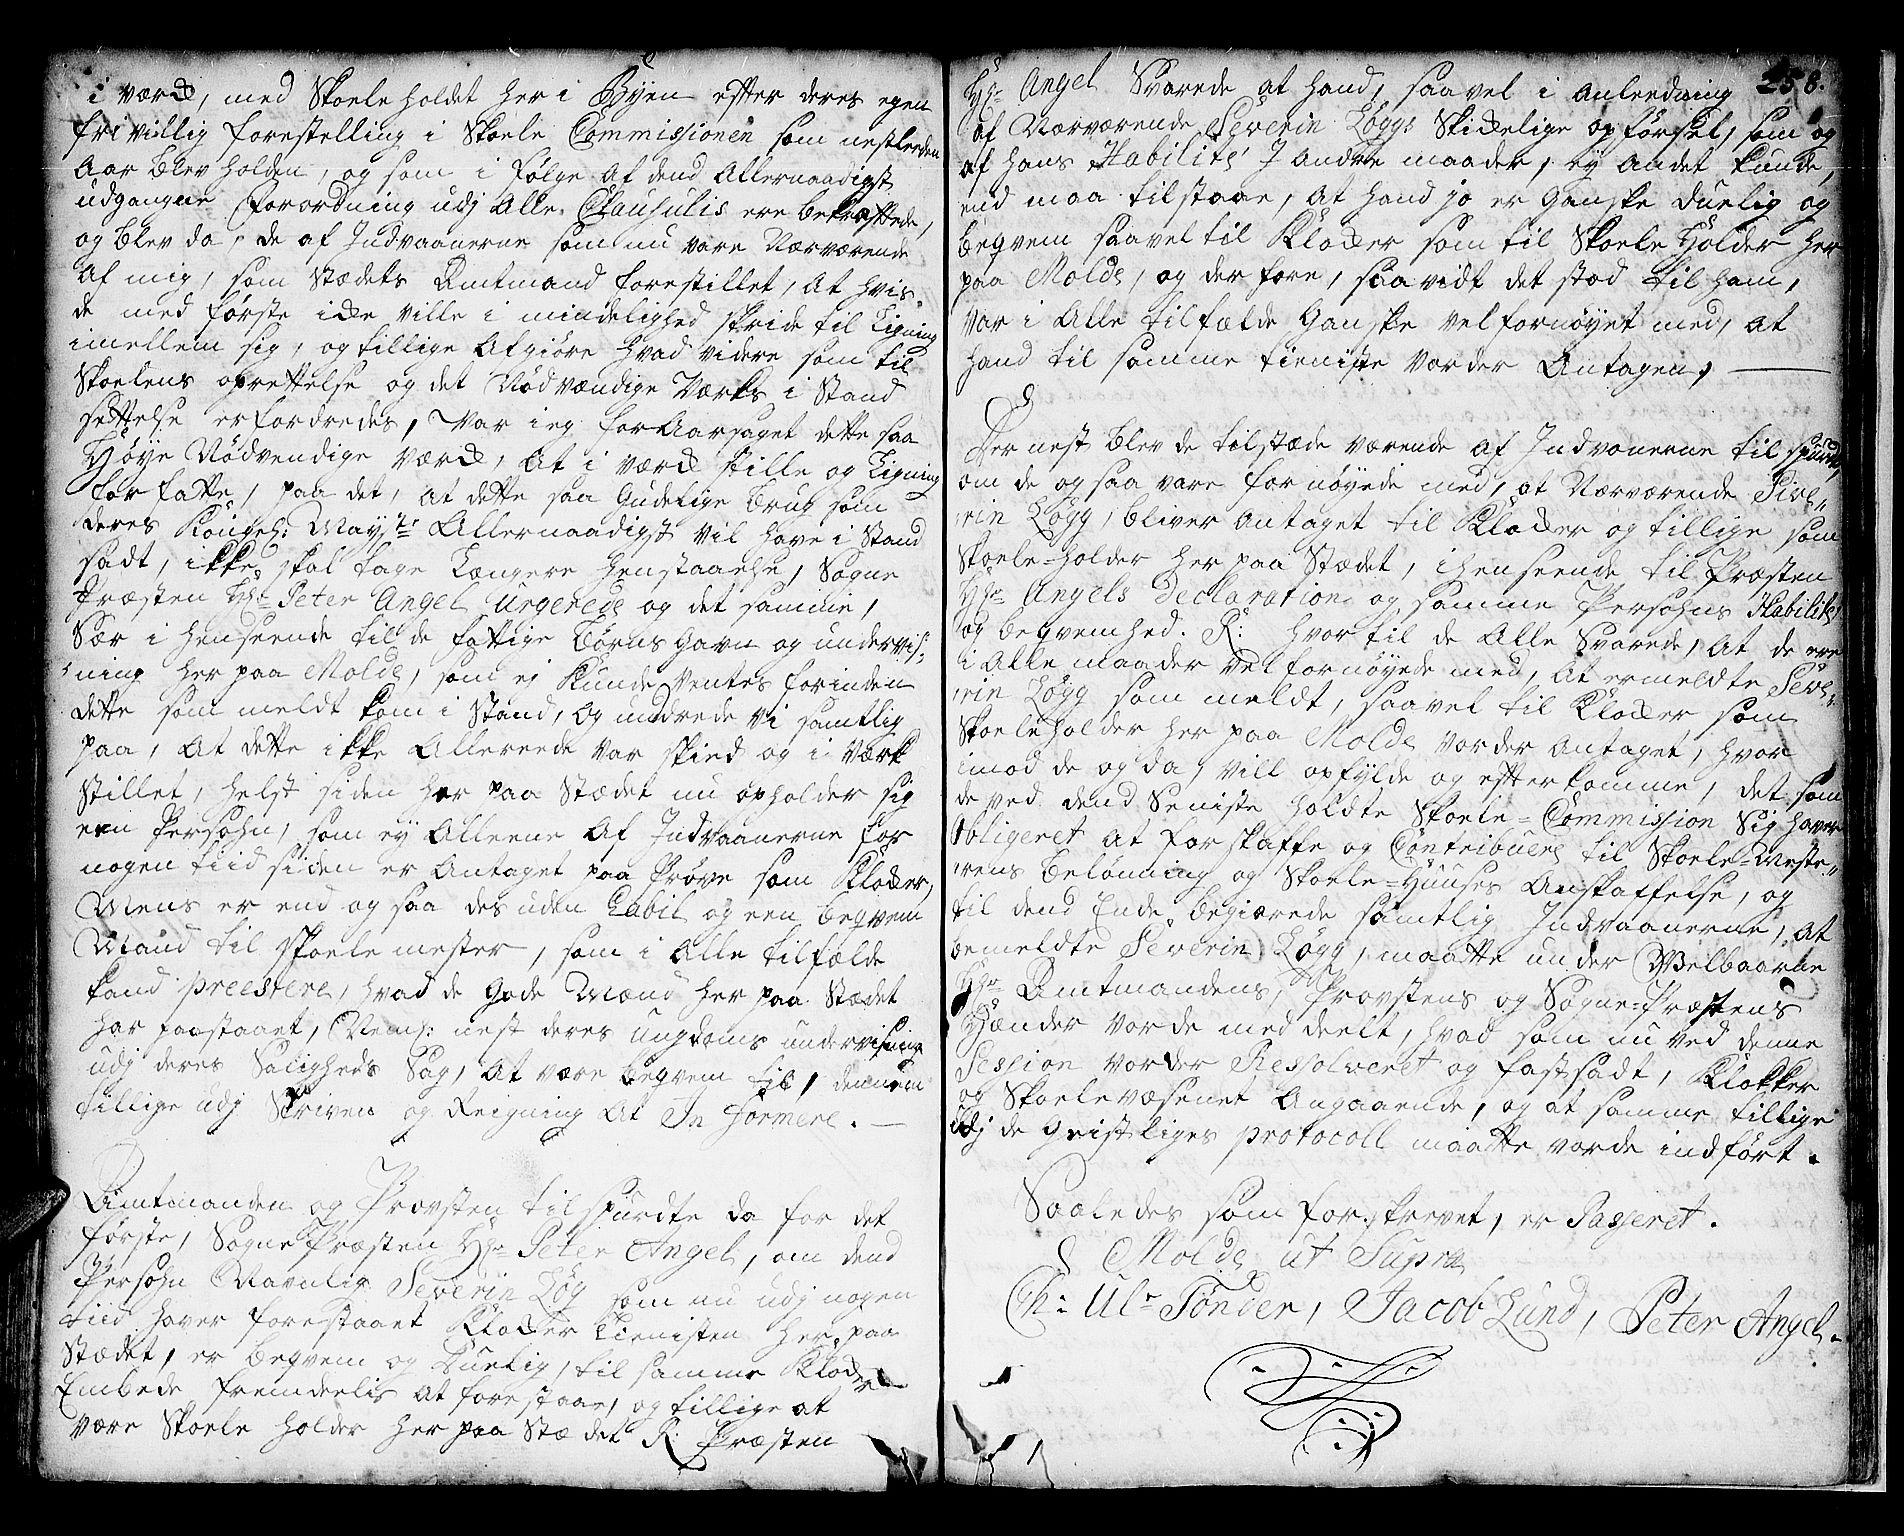 SAT, Romsdal prosti, I/I1/L0001: Retts- og skifteprotokoll m/register, 1706-1749, s. 257b-258a